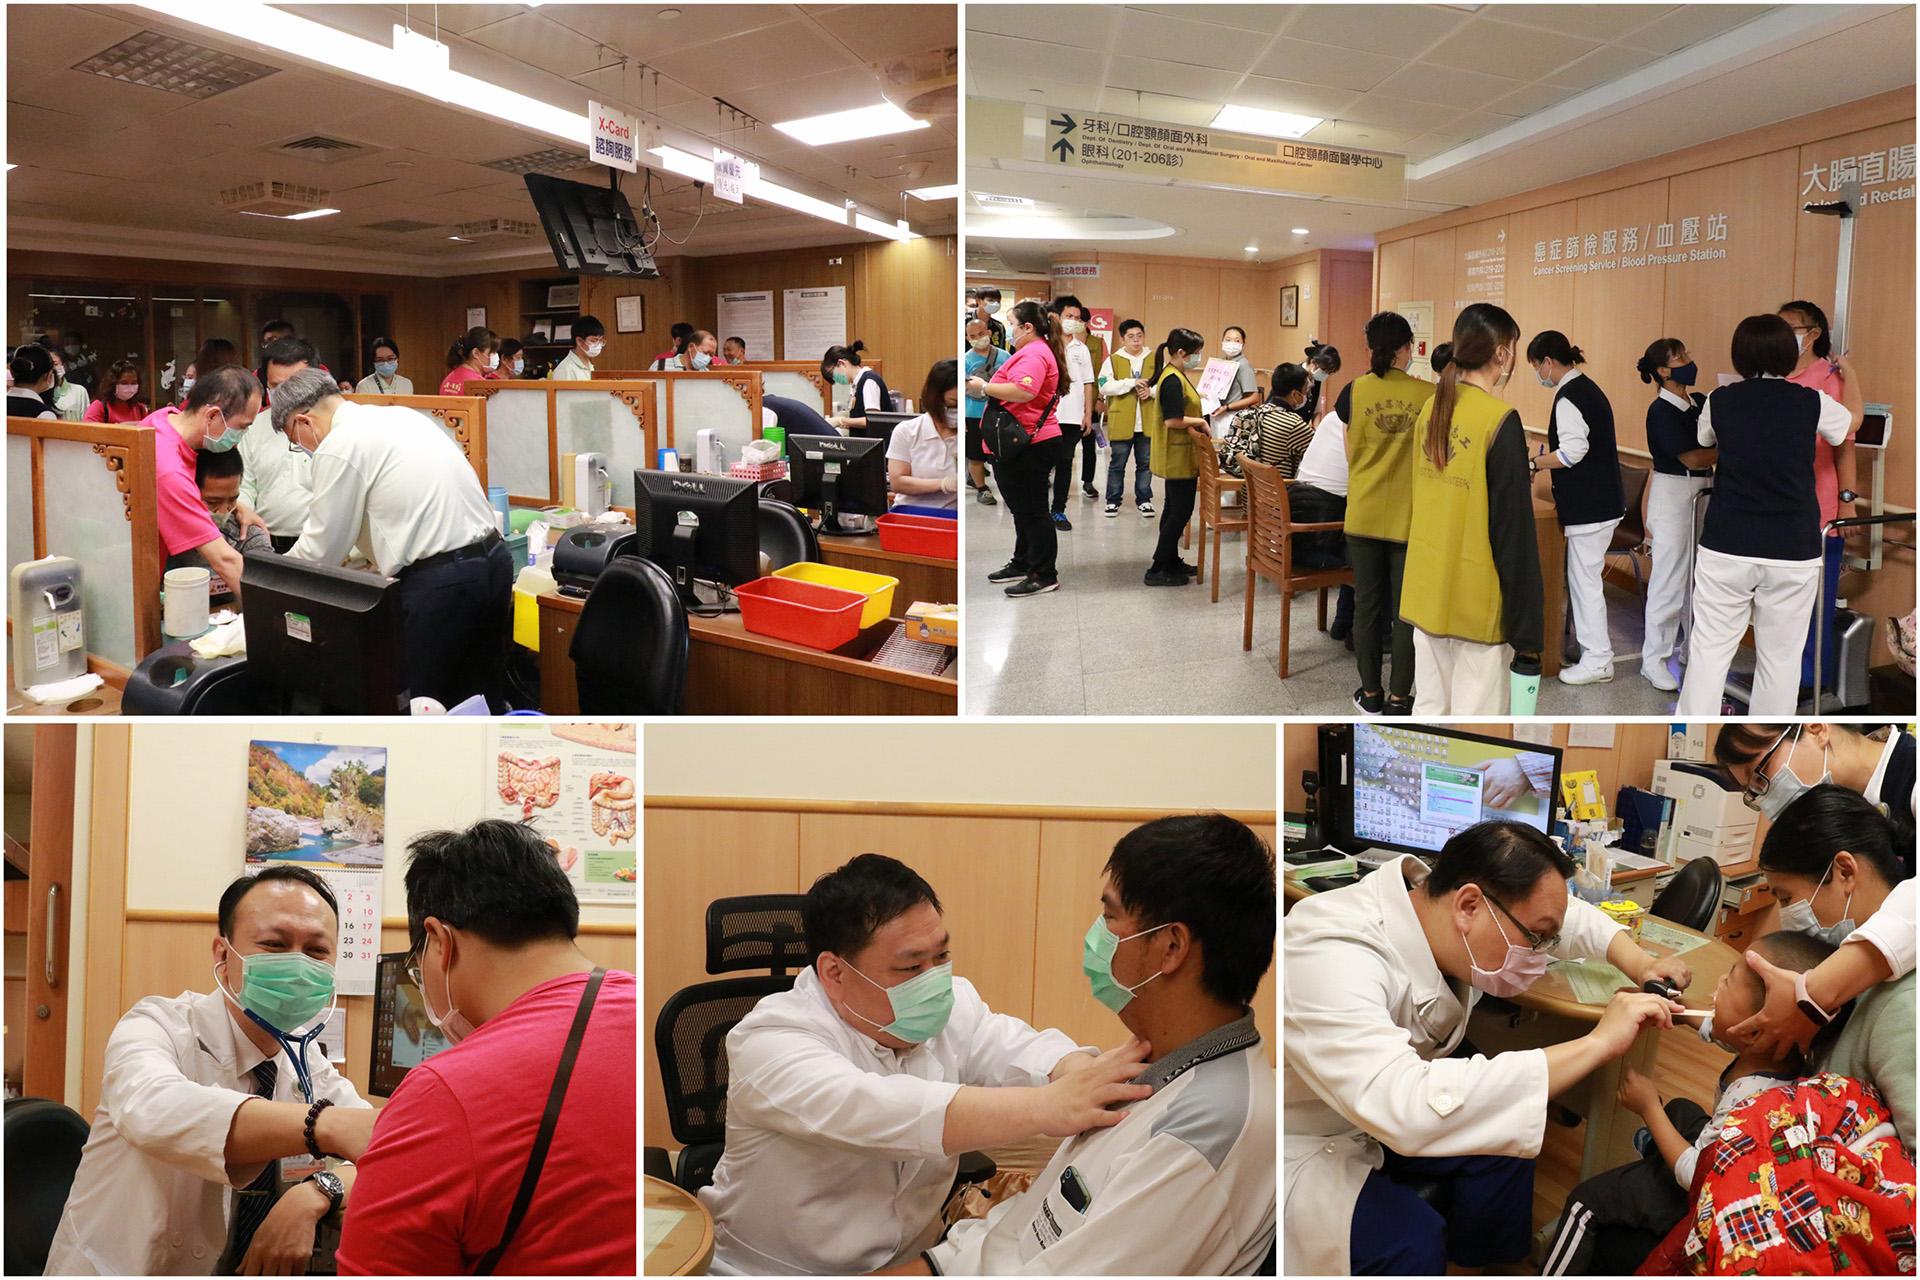 醫護同仁協助院生完成檢查及看診。